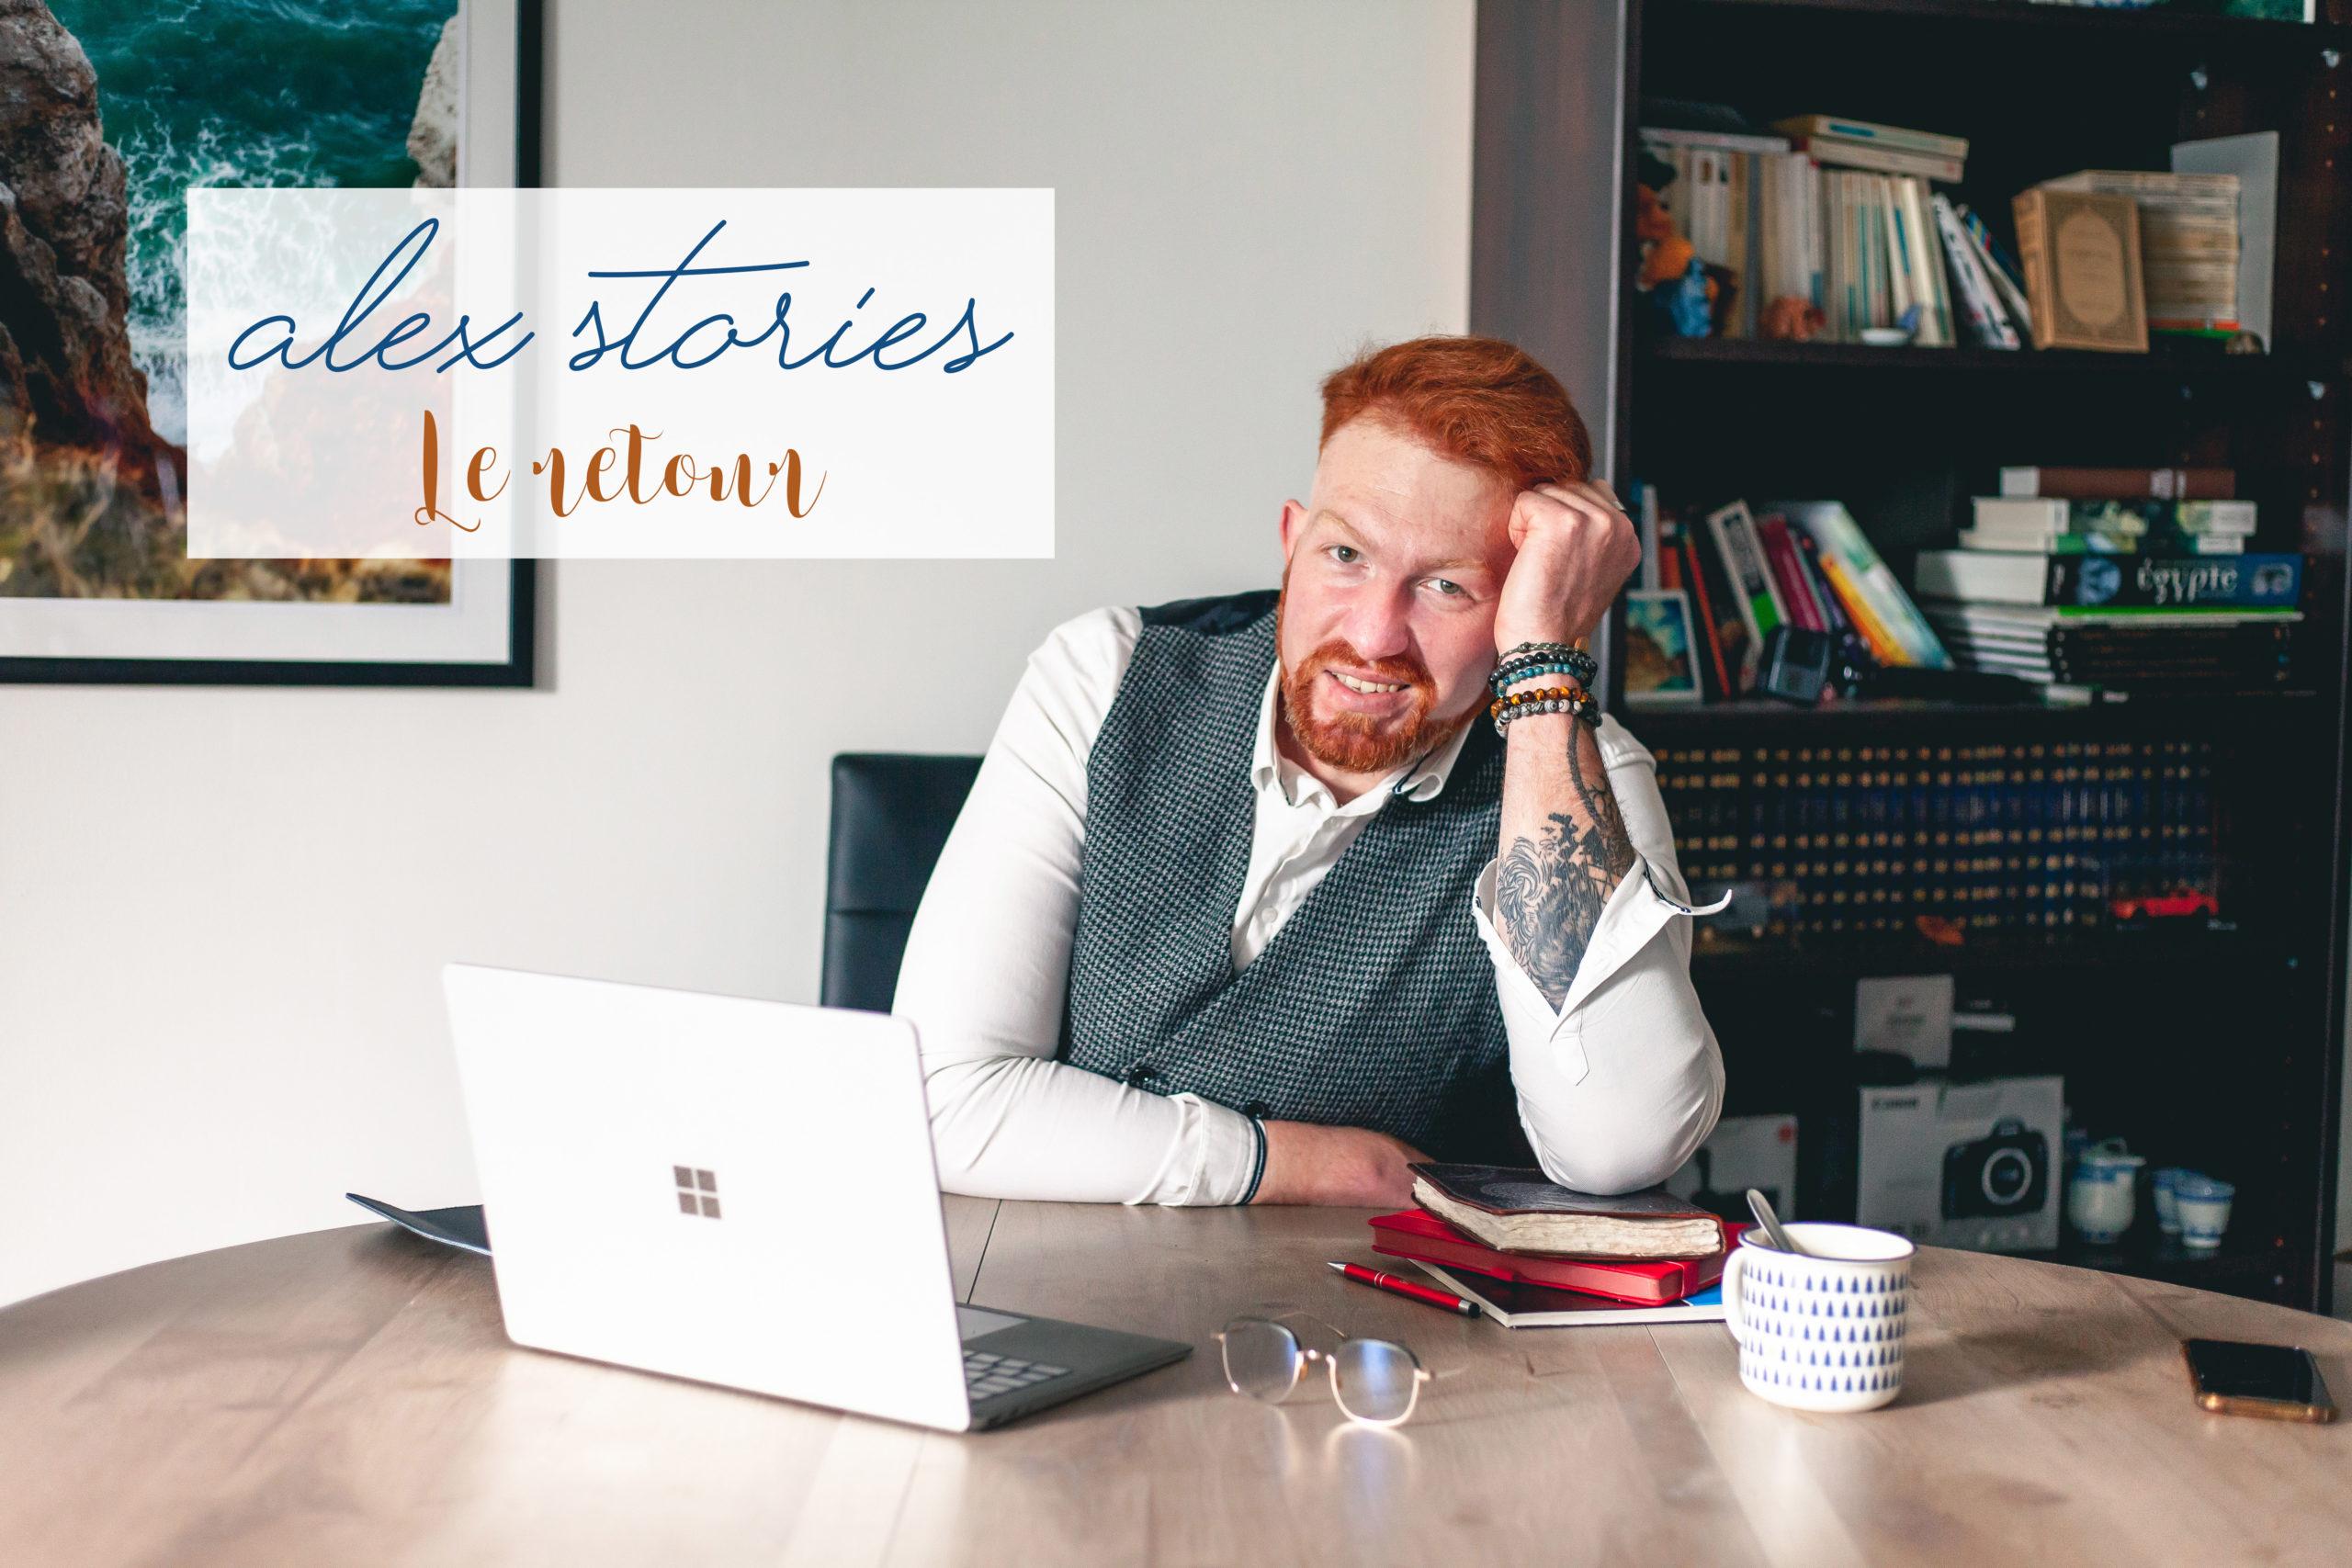 alexandre-bridenne-bureau-alex-stories-le-retour-du-blog